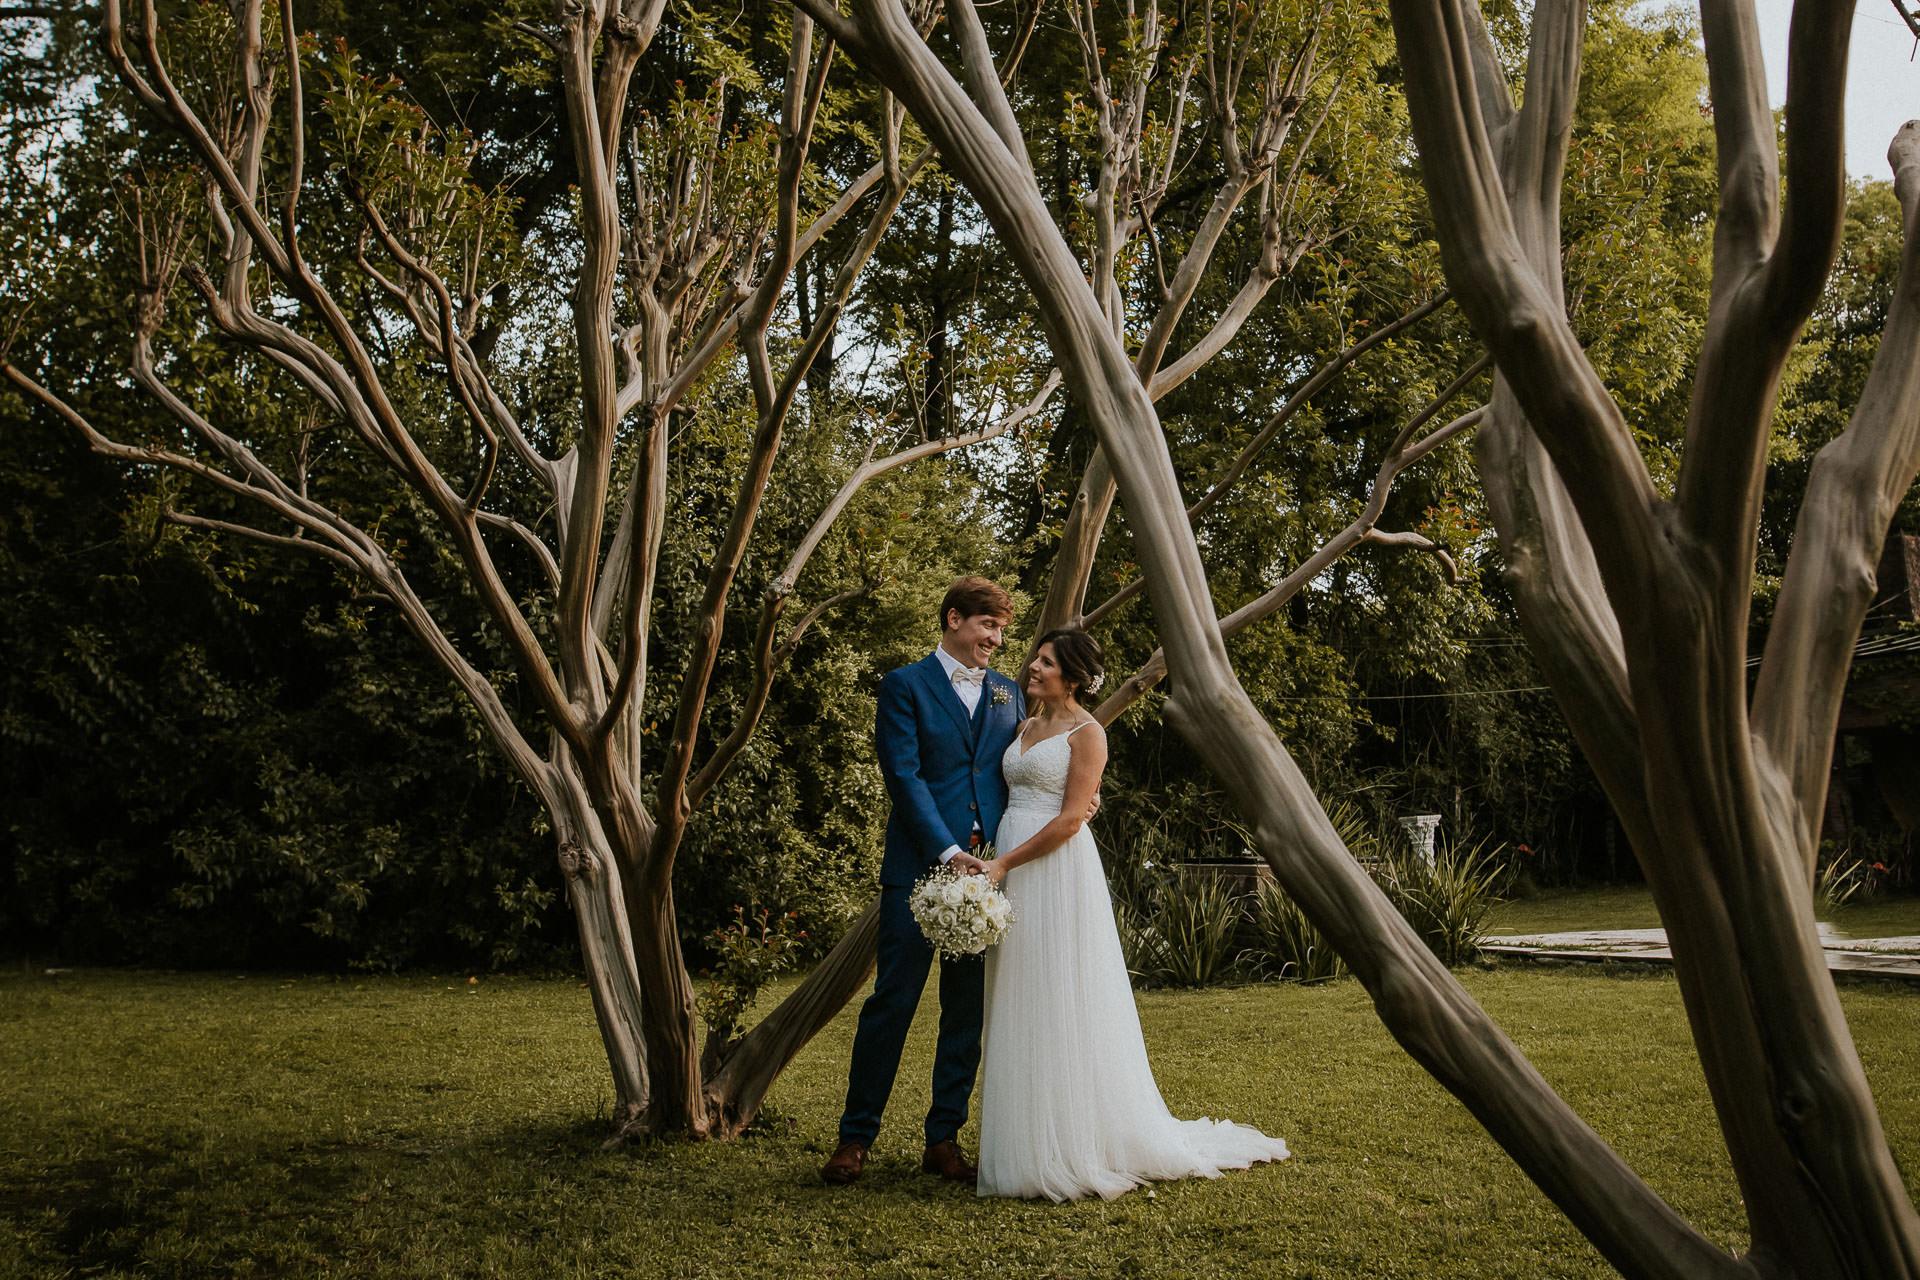 Retratos de novios, Boda en Estancia La Linda, fotógrafo de bodas, Norman Parunov